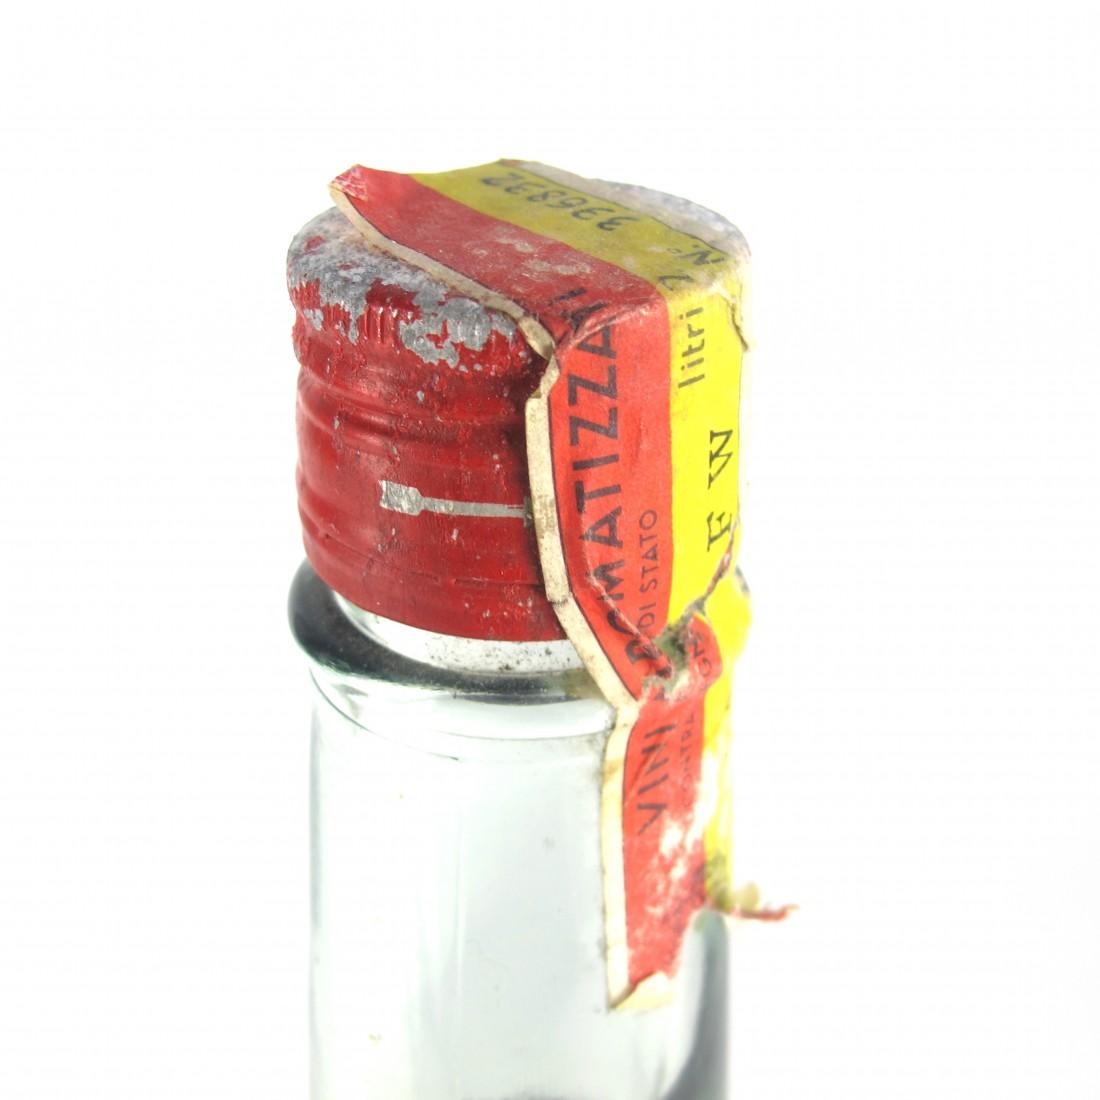 Riccadonna Rosso Vermouth Magnum 2 Litre